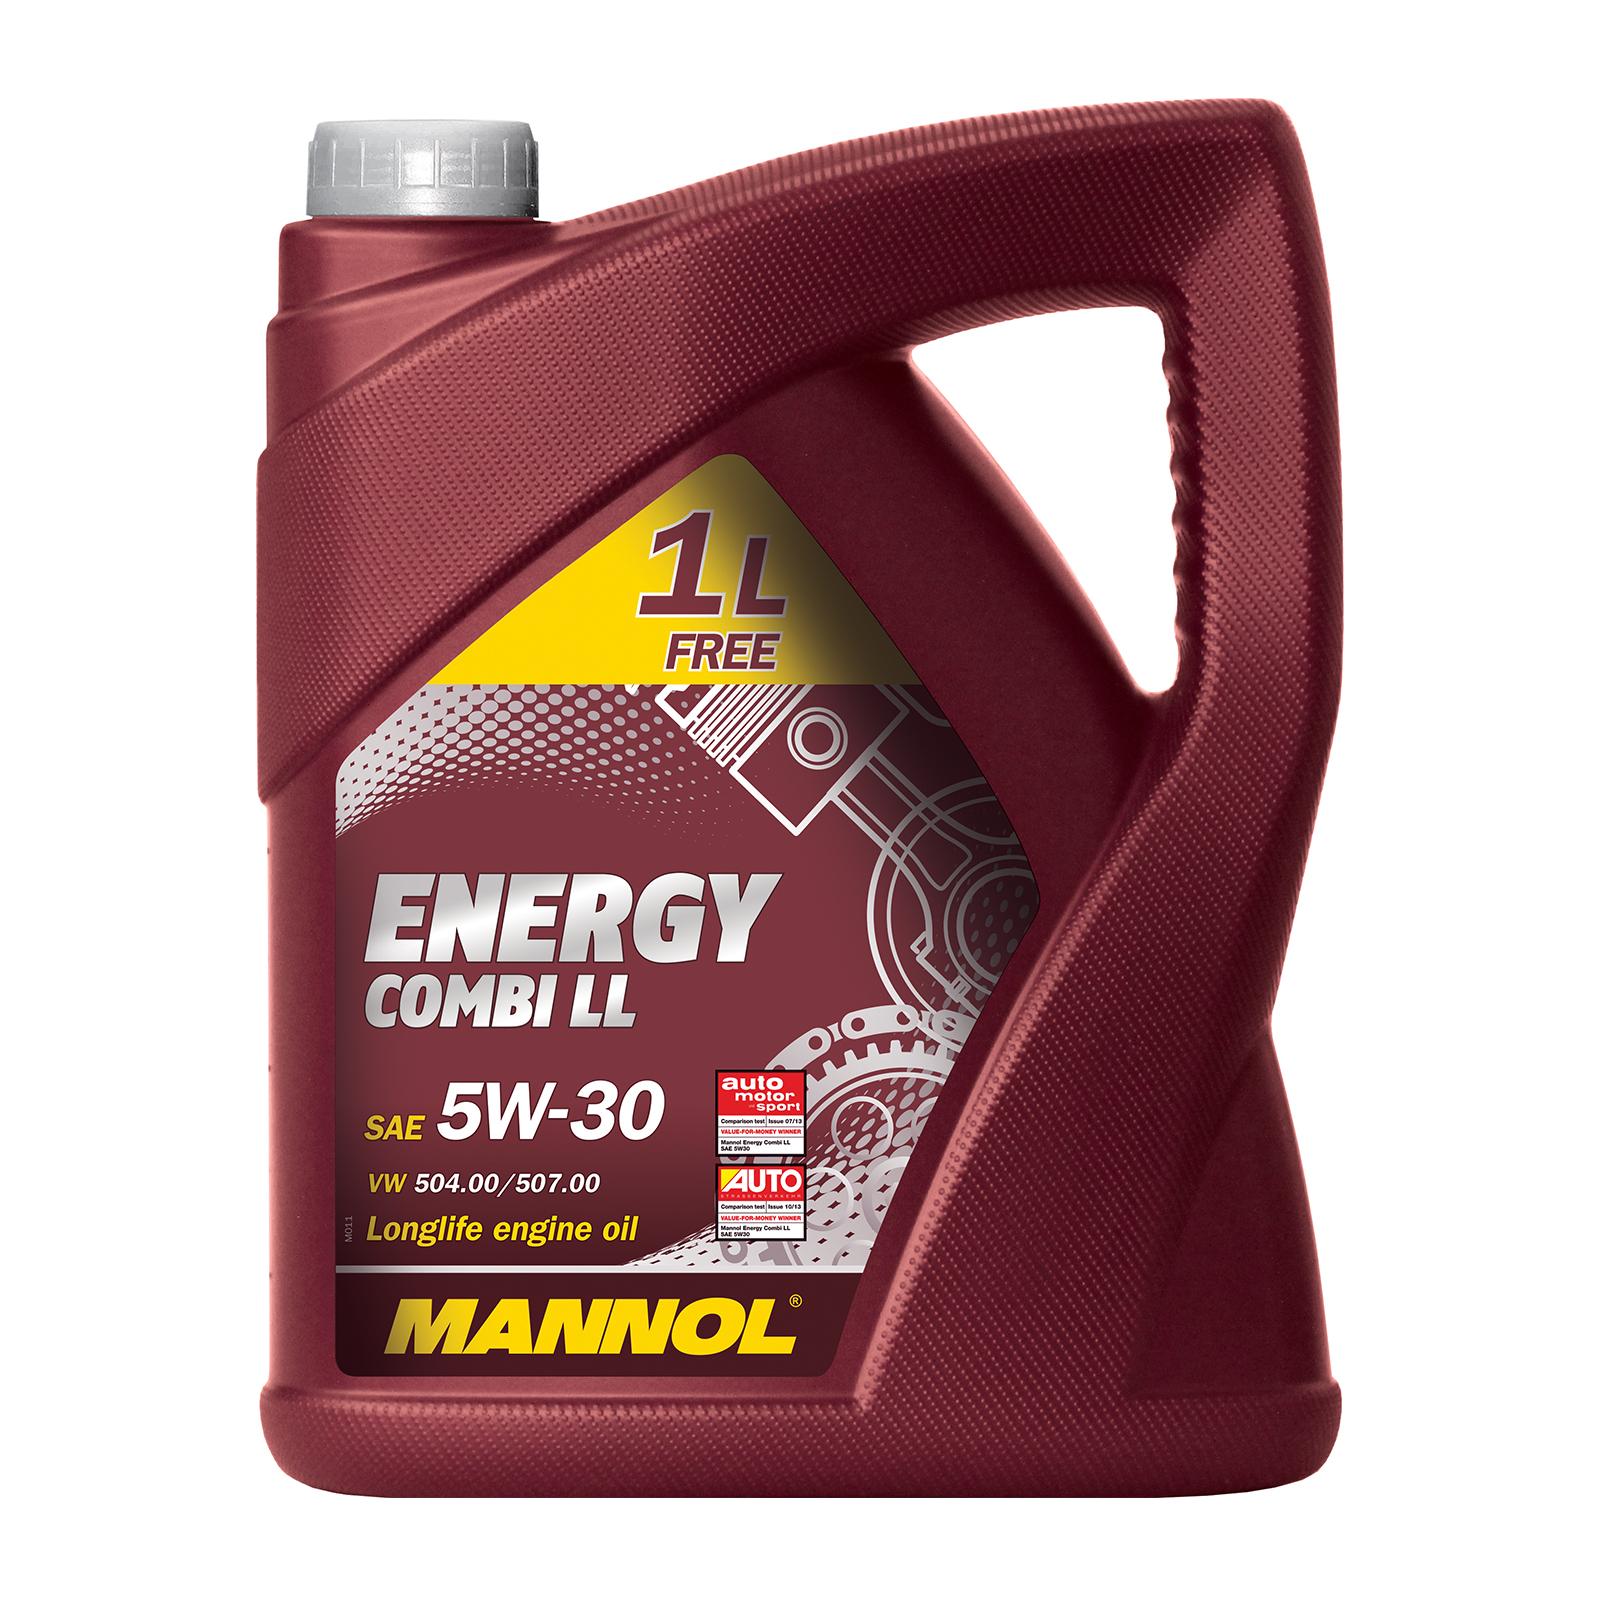 2x 5 Liter MANNOL Combi LL Motoröl 5W-30 (u.a. VW 504.00/507.00)